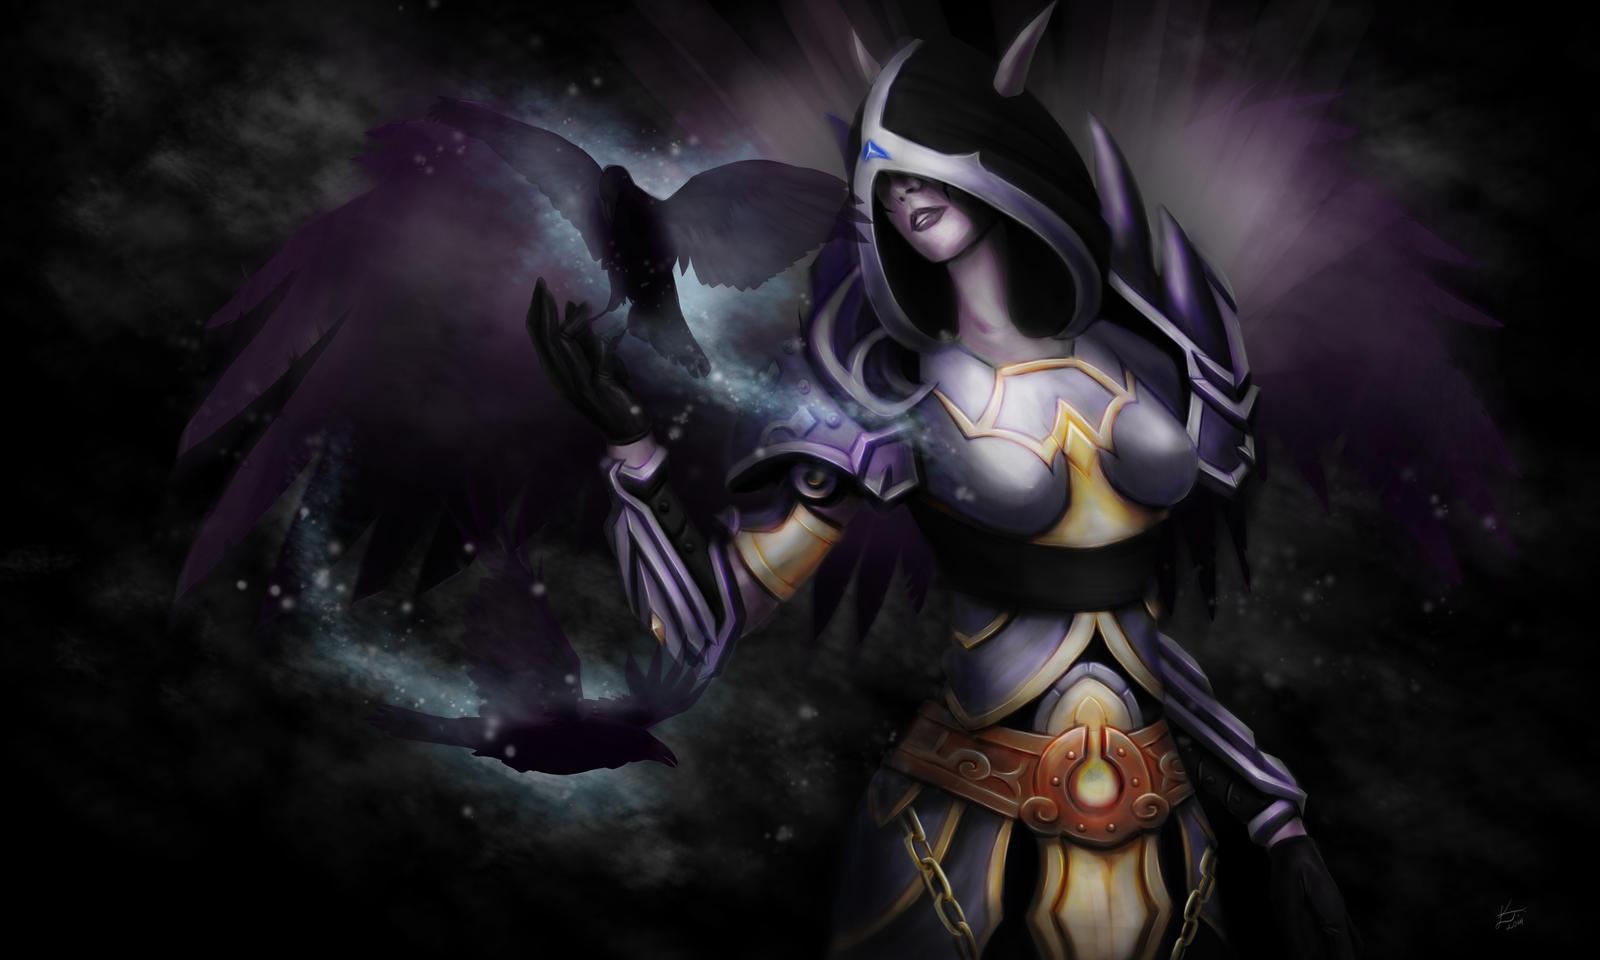 Shadow priest by SerraArc